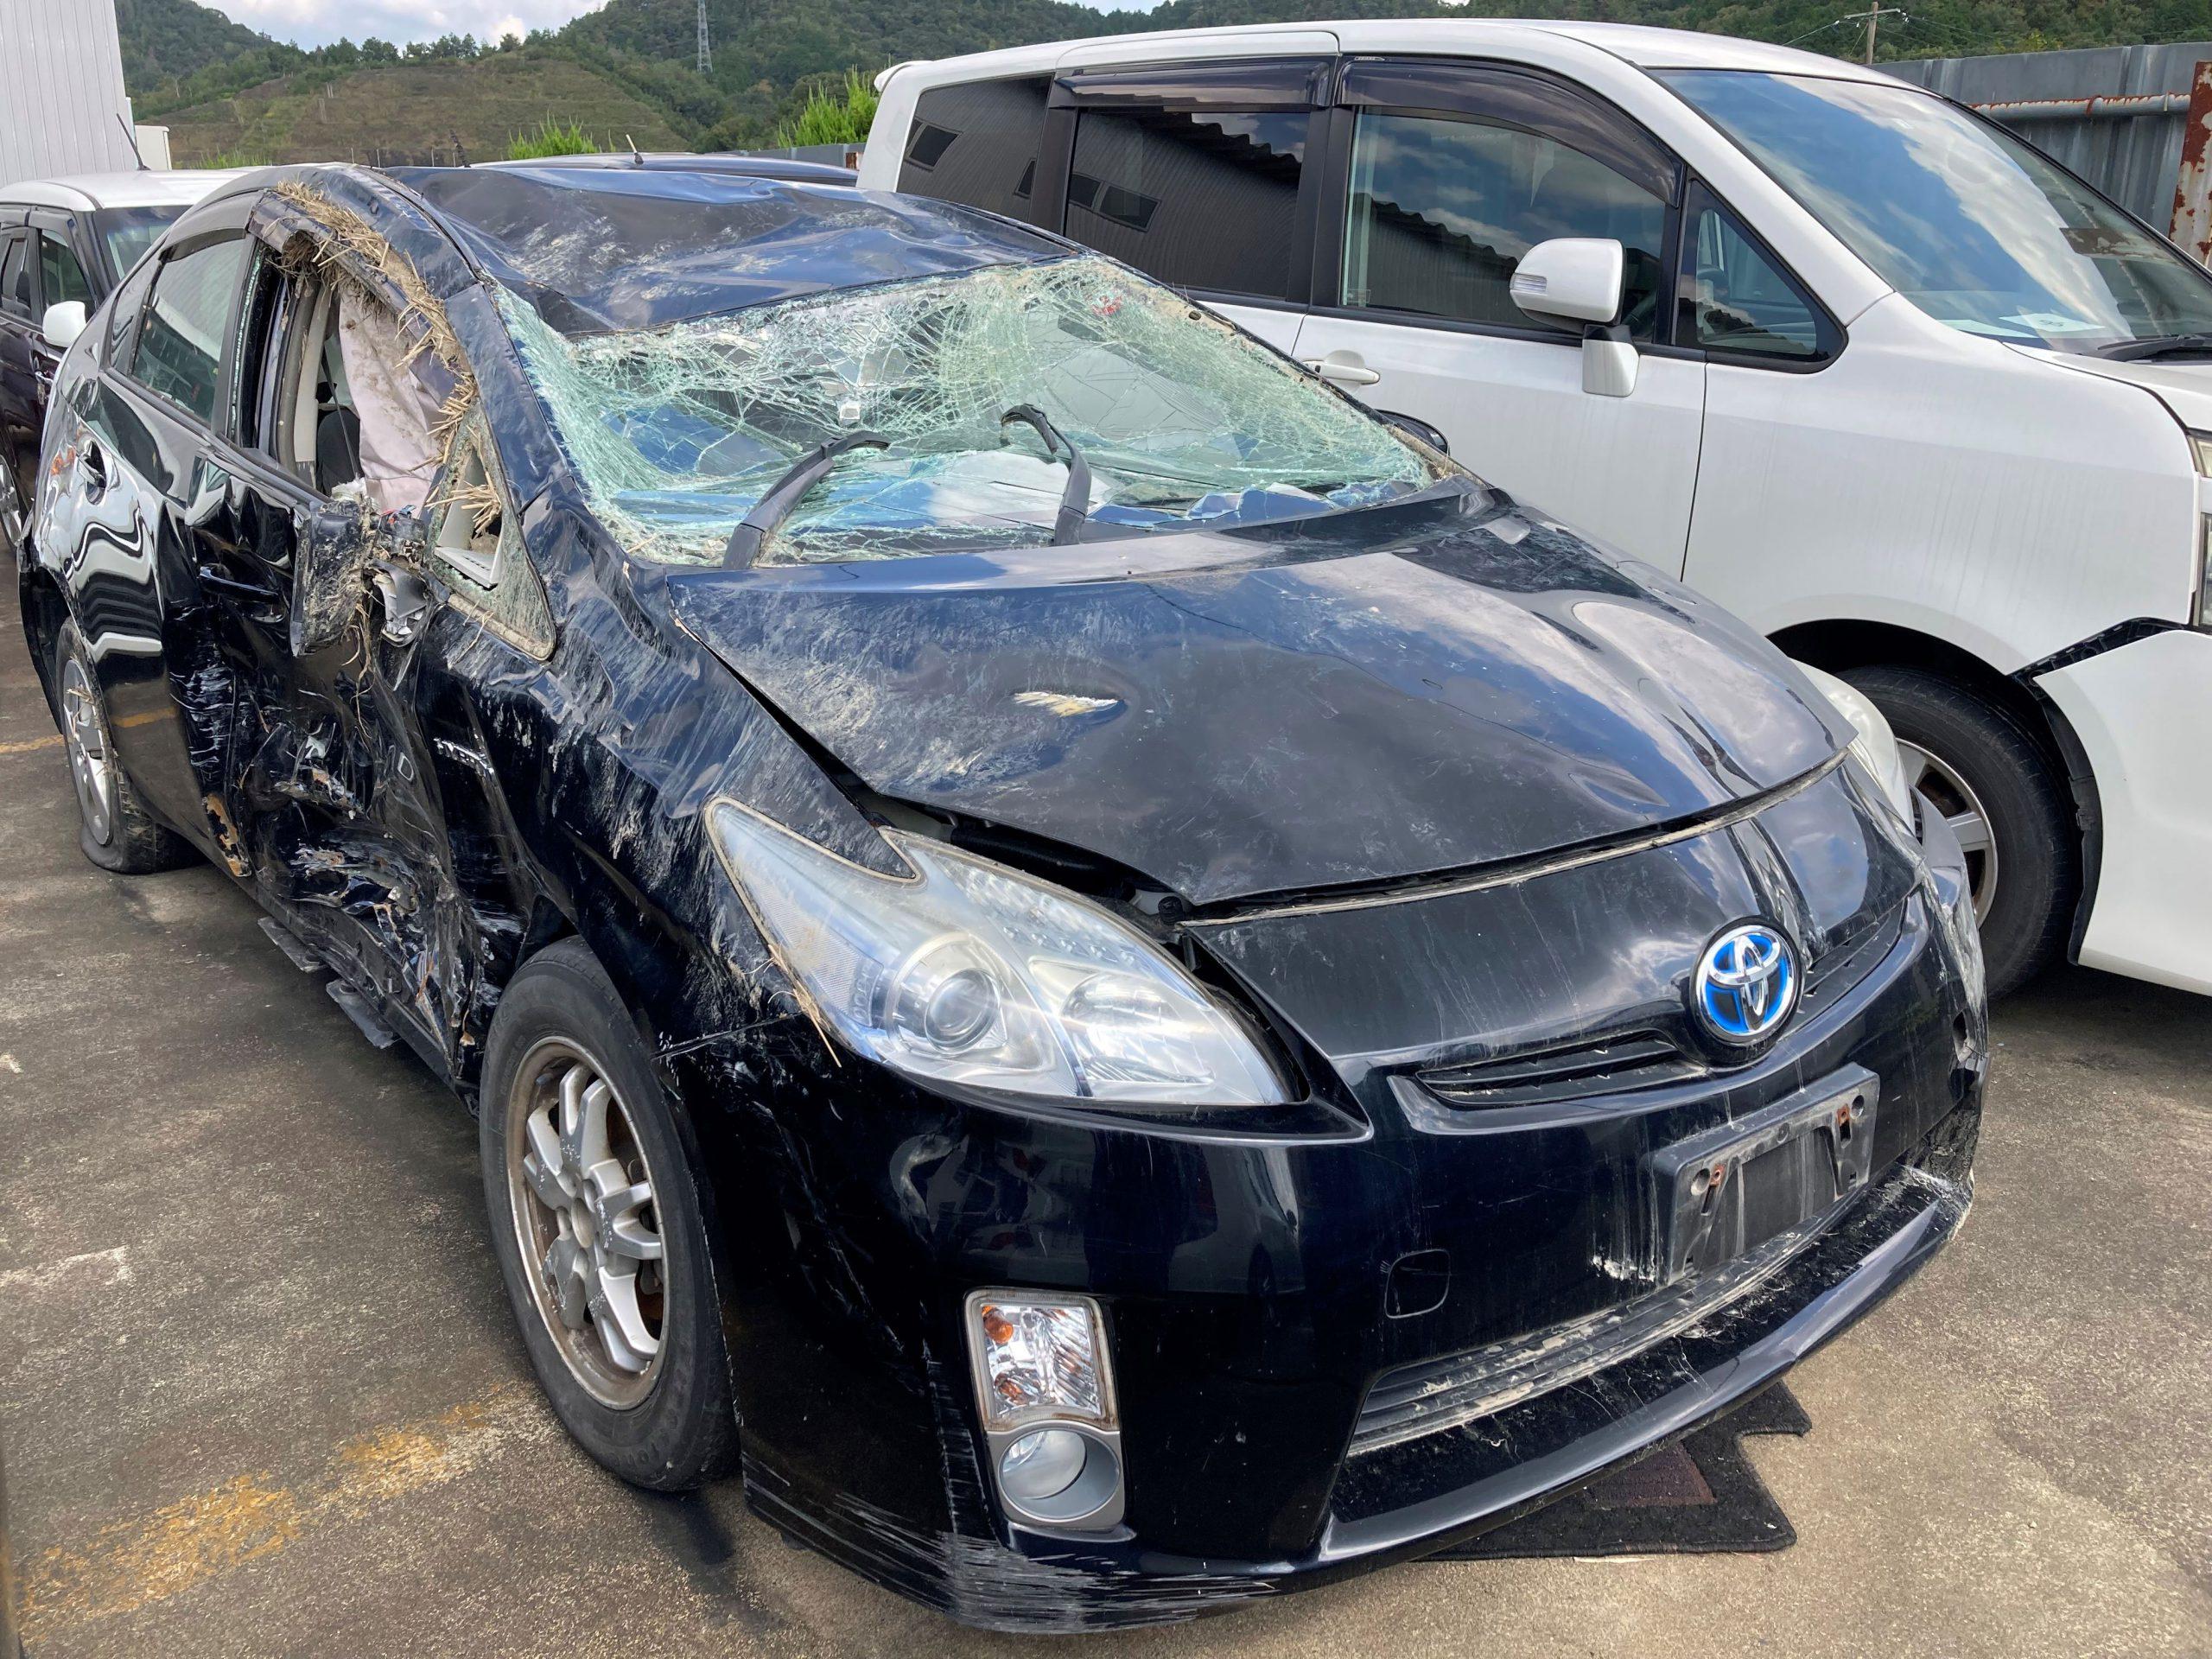 横転事故なのでサイドフレームには大きな損傷が無い車